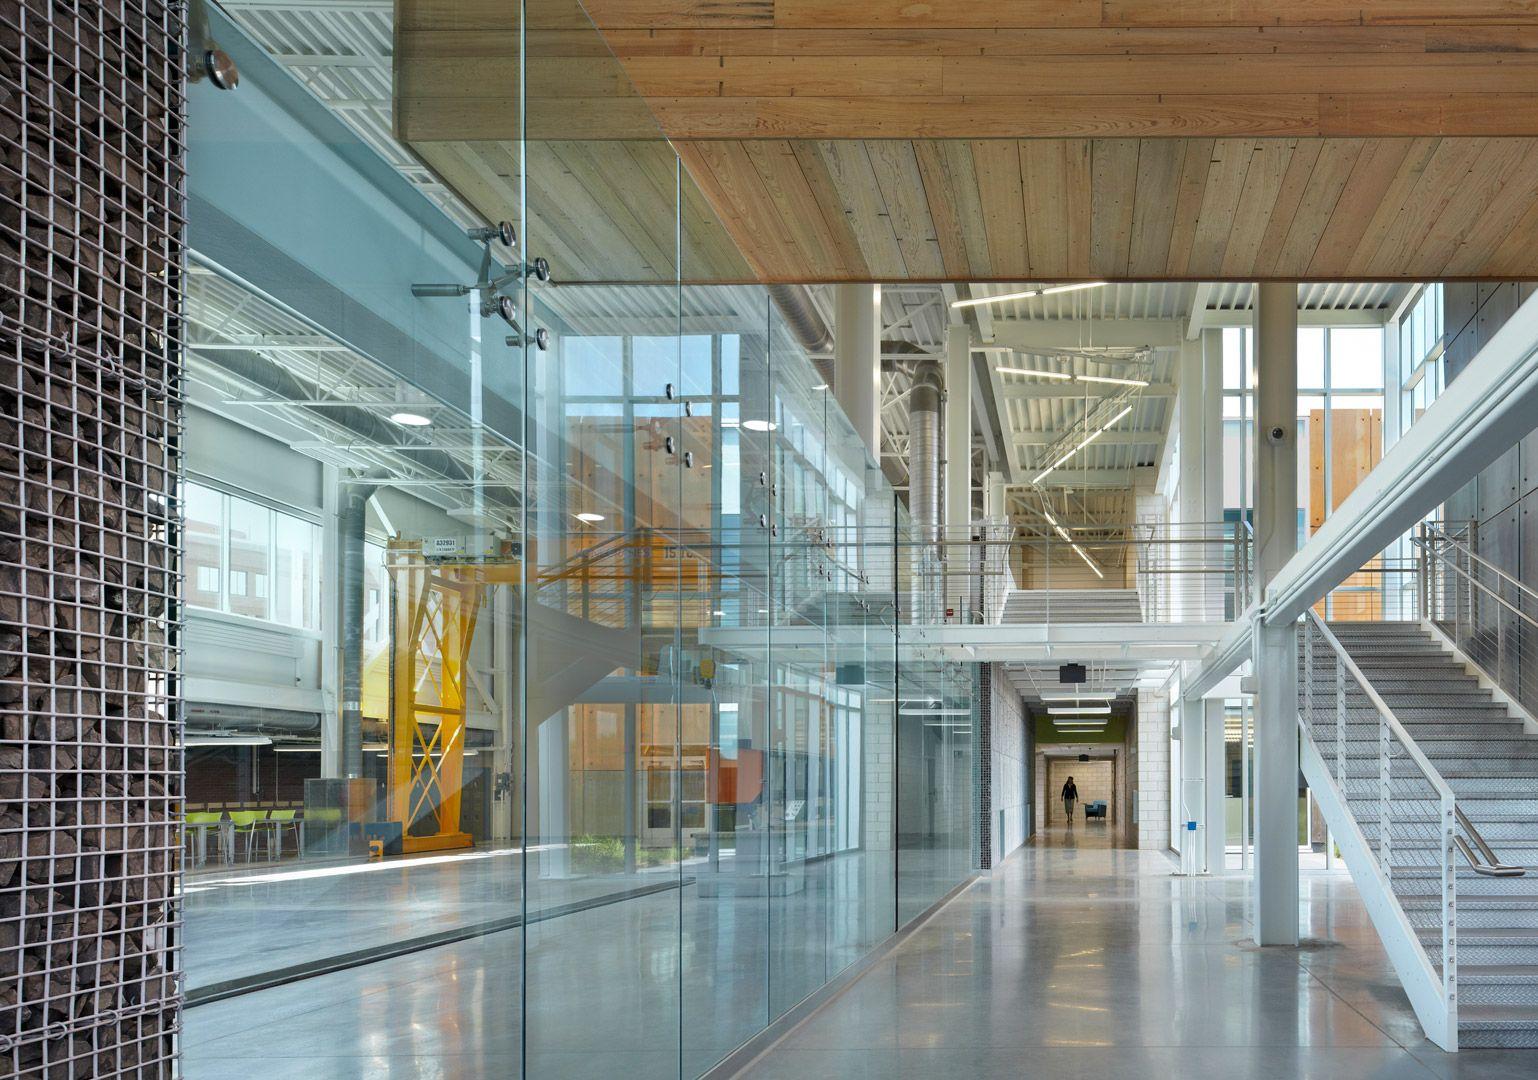 Umd Civil Engineering Building Architecture New Interior Design